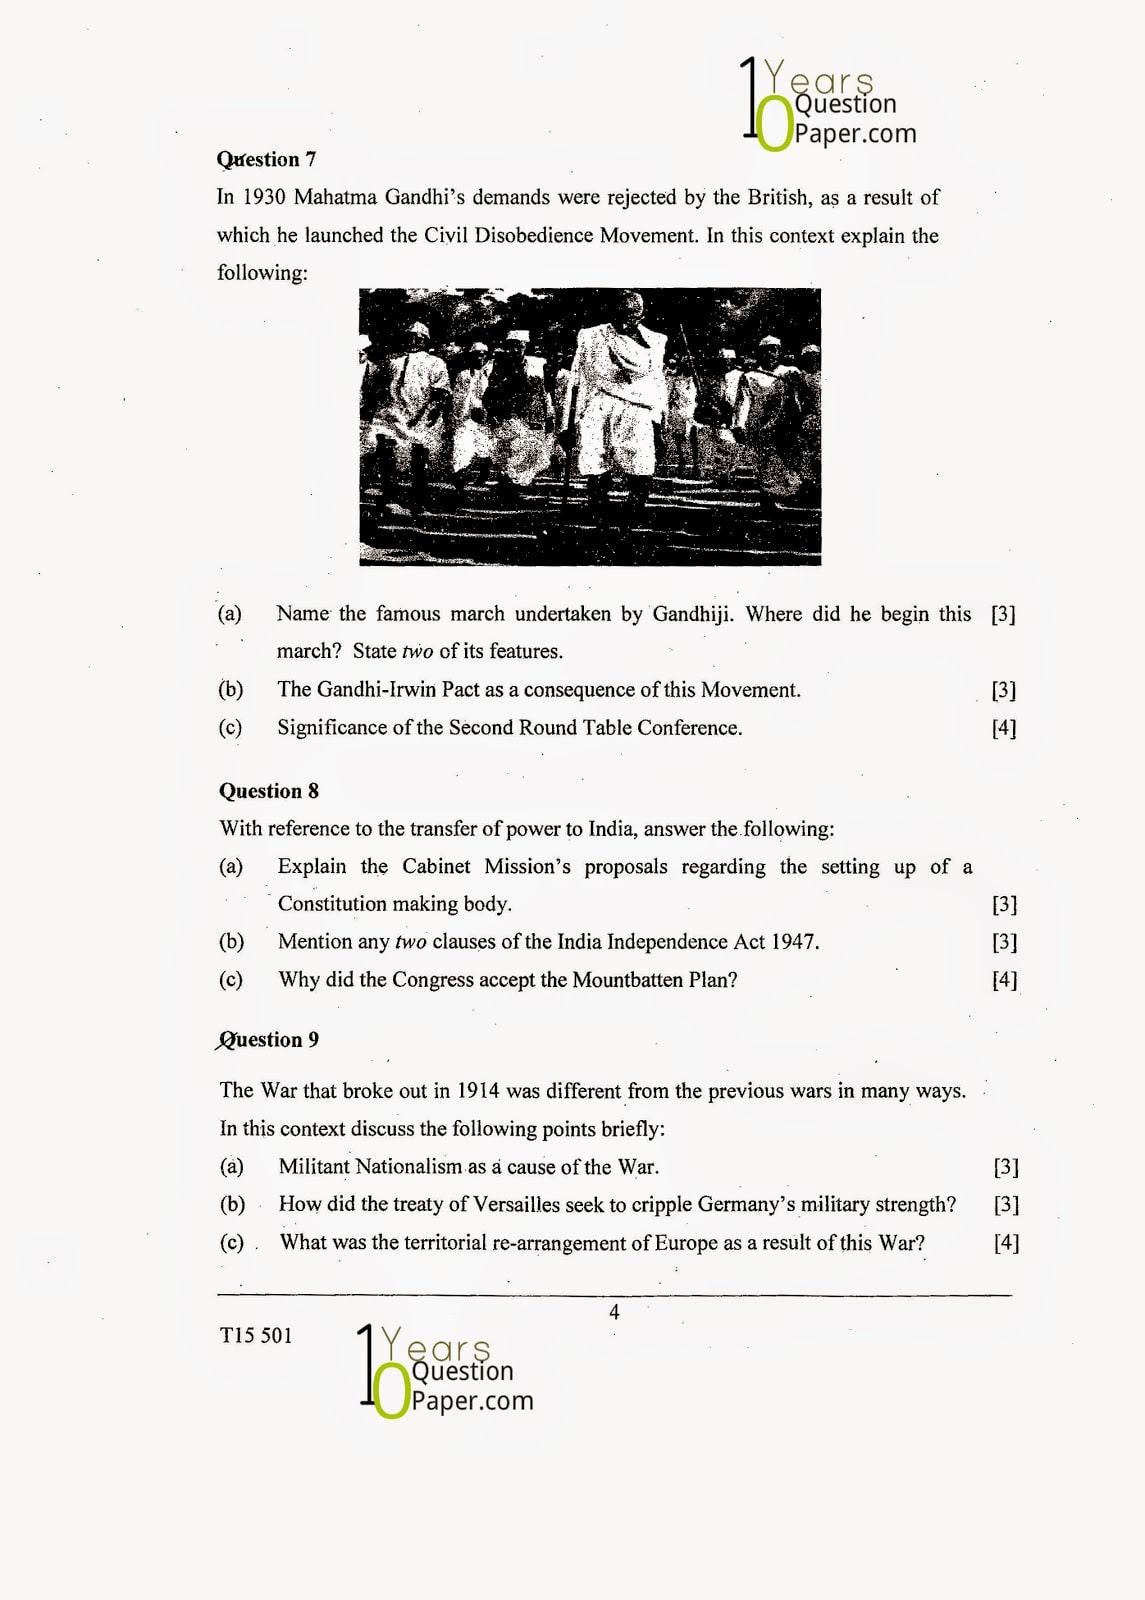 ICSE Class 10 History & Civics 2015 Question Paper